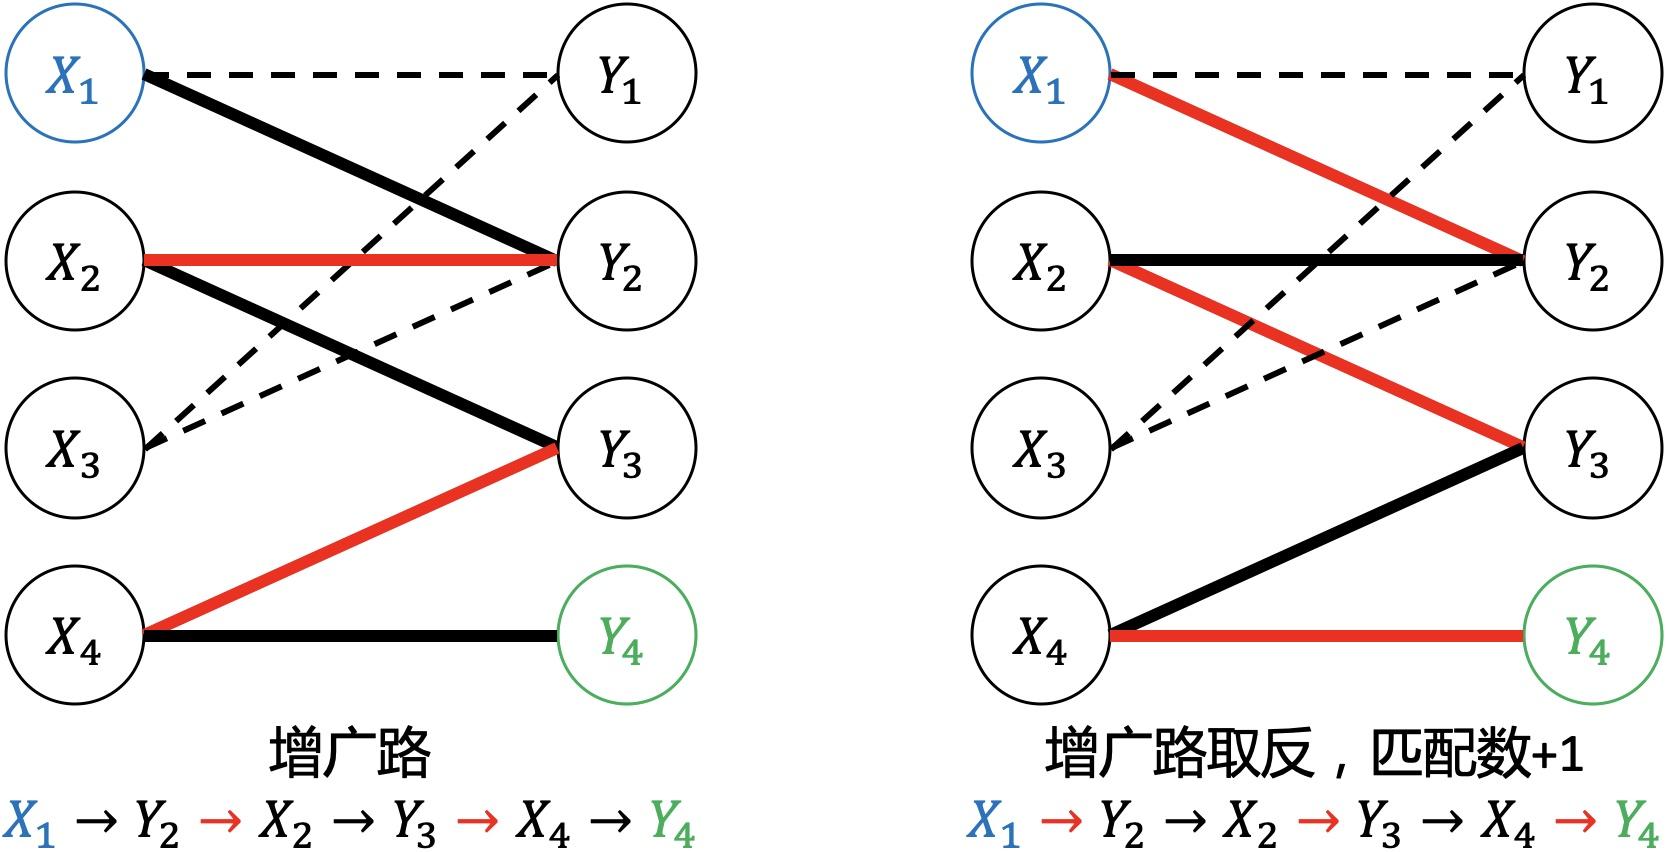 二分图匹配,匈牙利算法原理与实现 - 几何思维